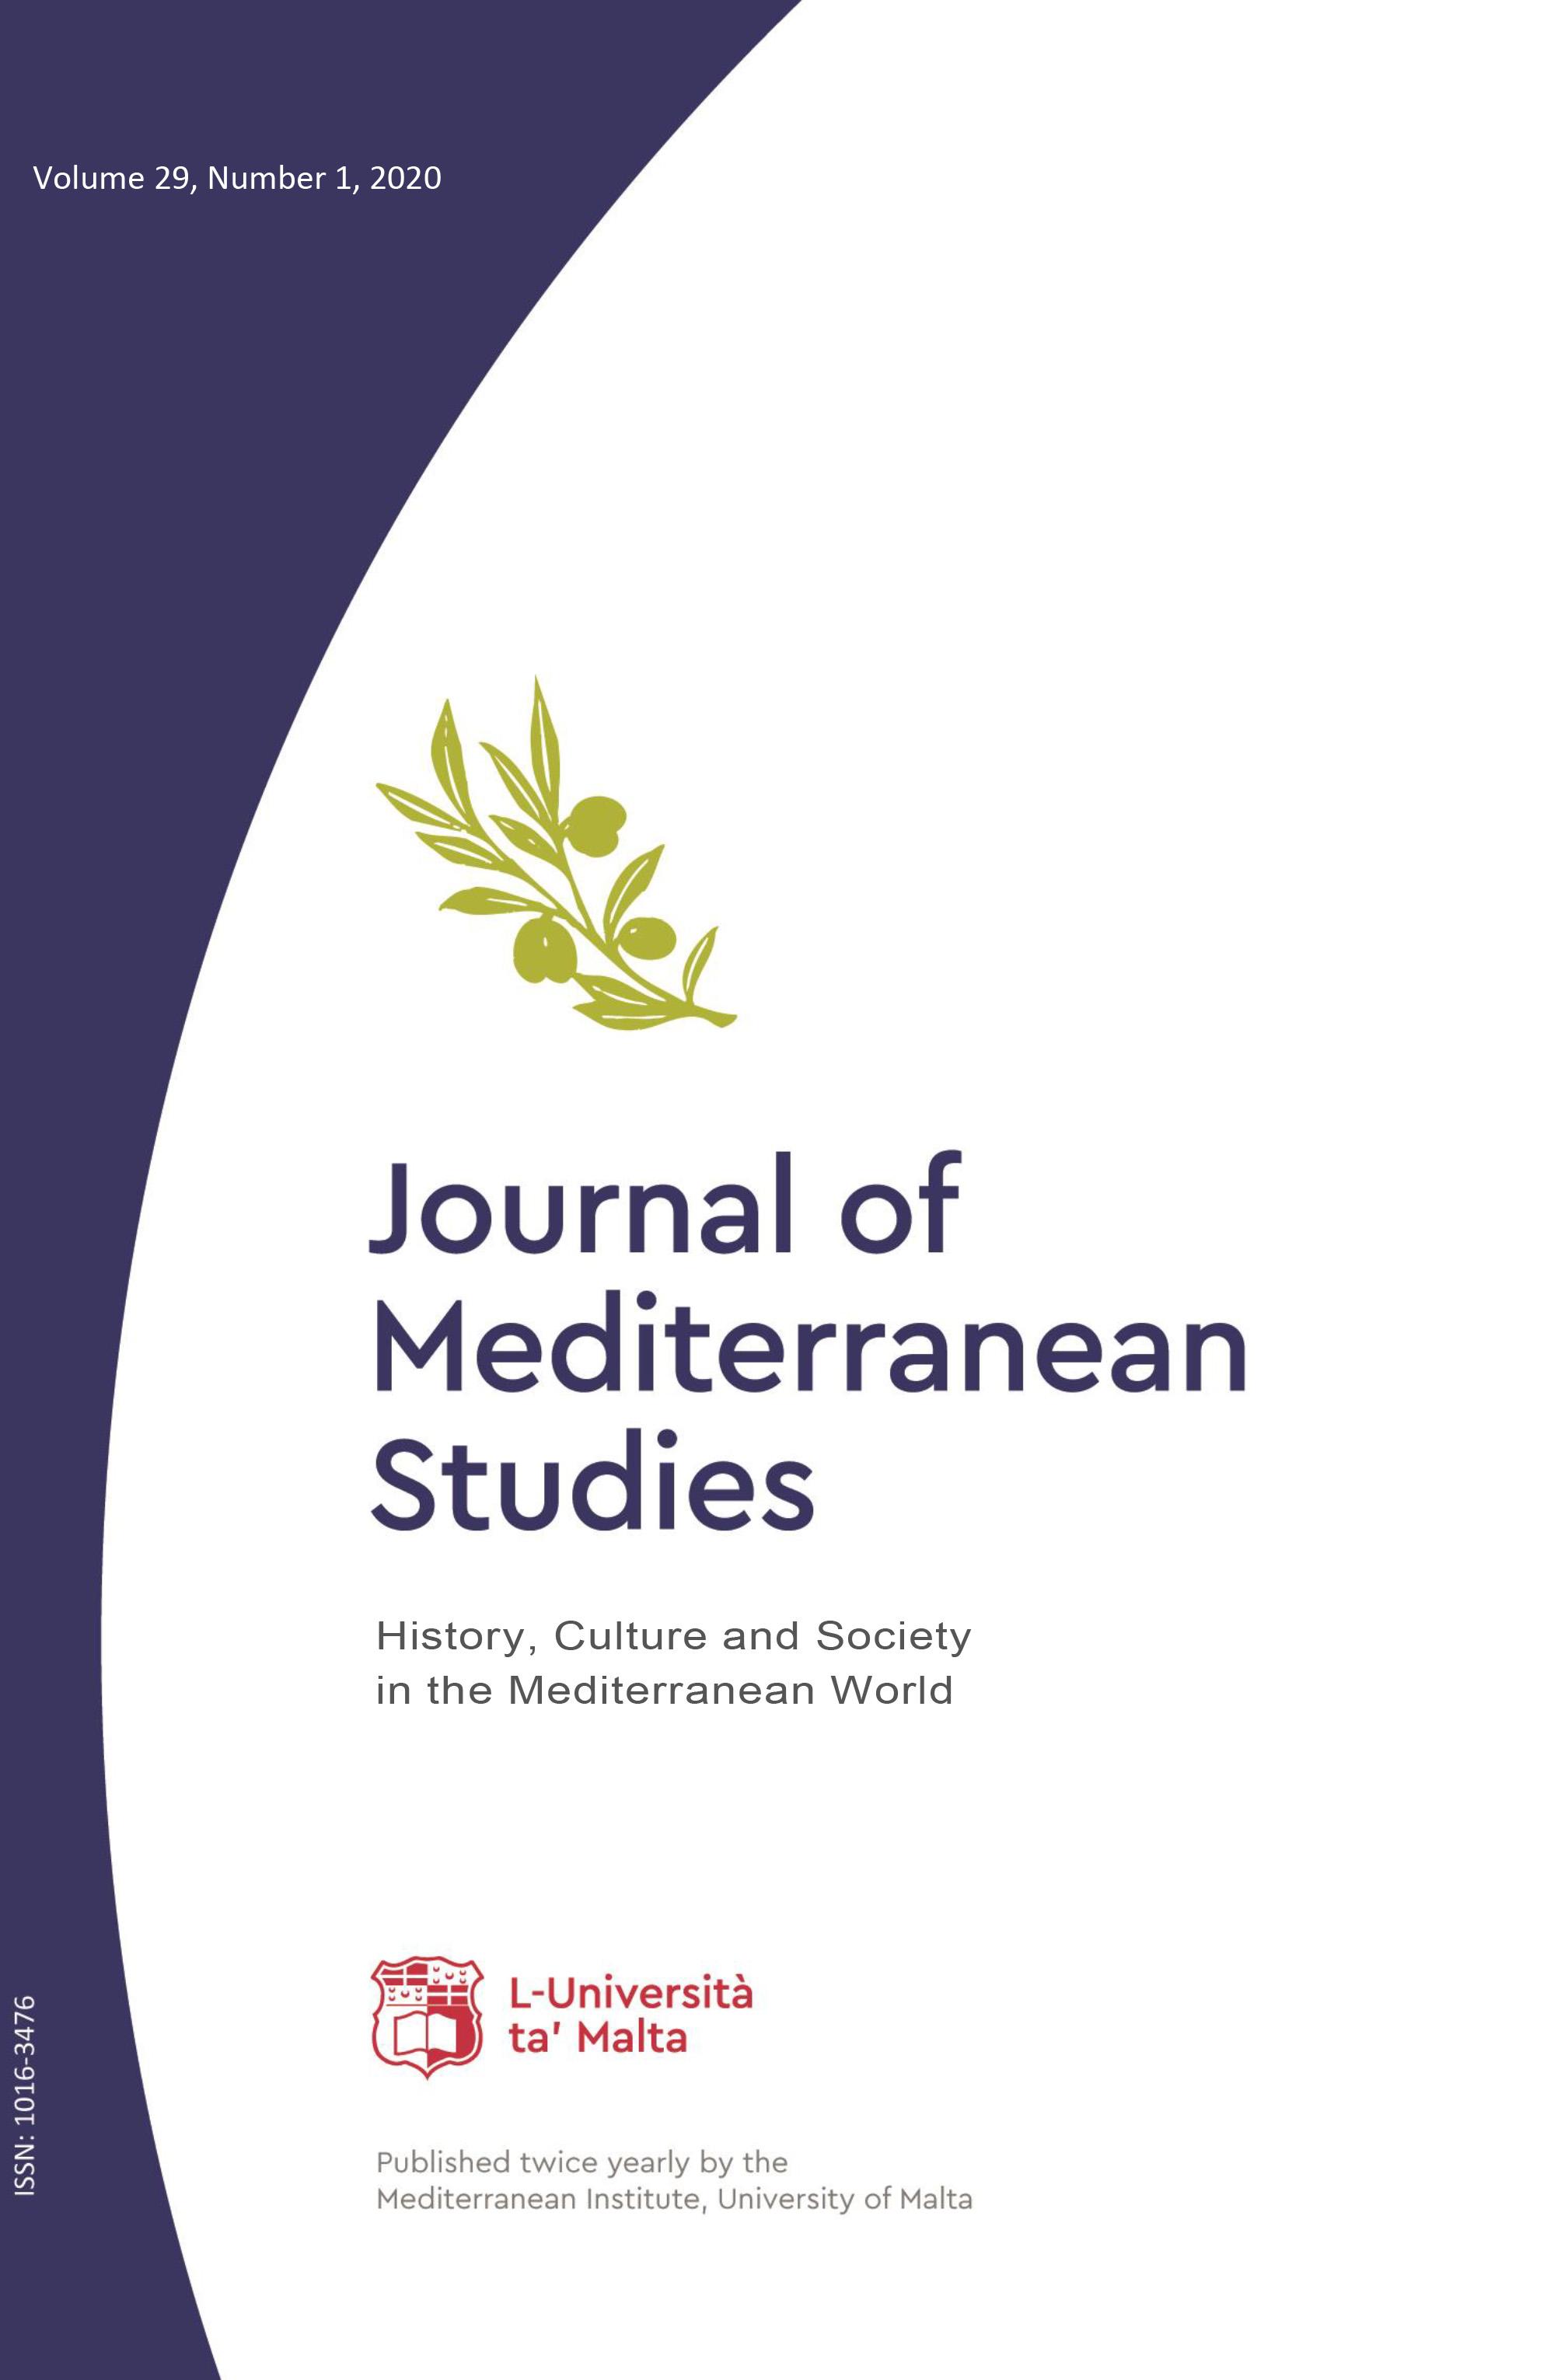 Journal of Mediterranean Studies: Volume 29, Number 1, 2020